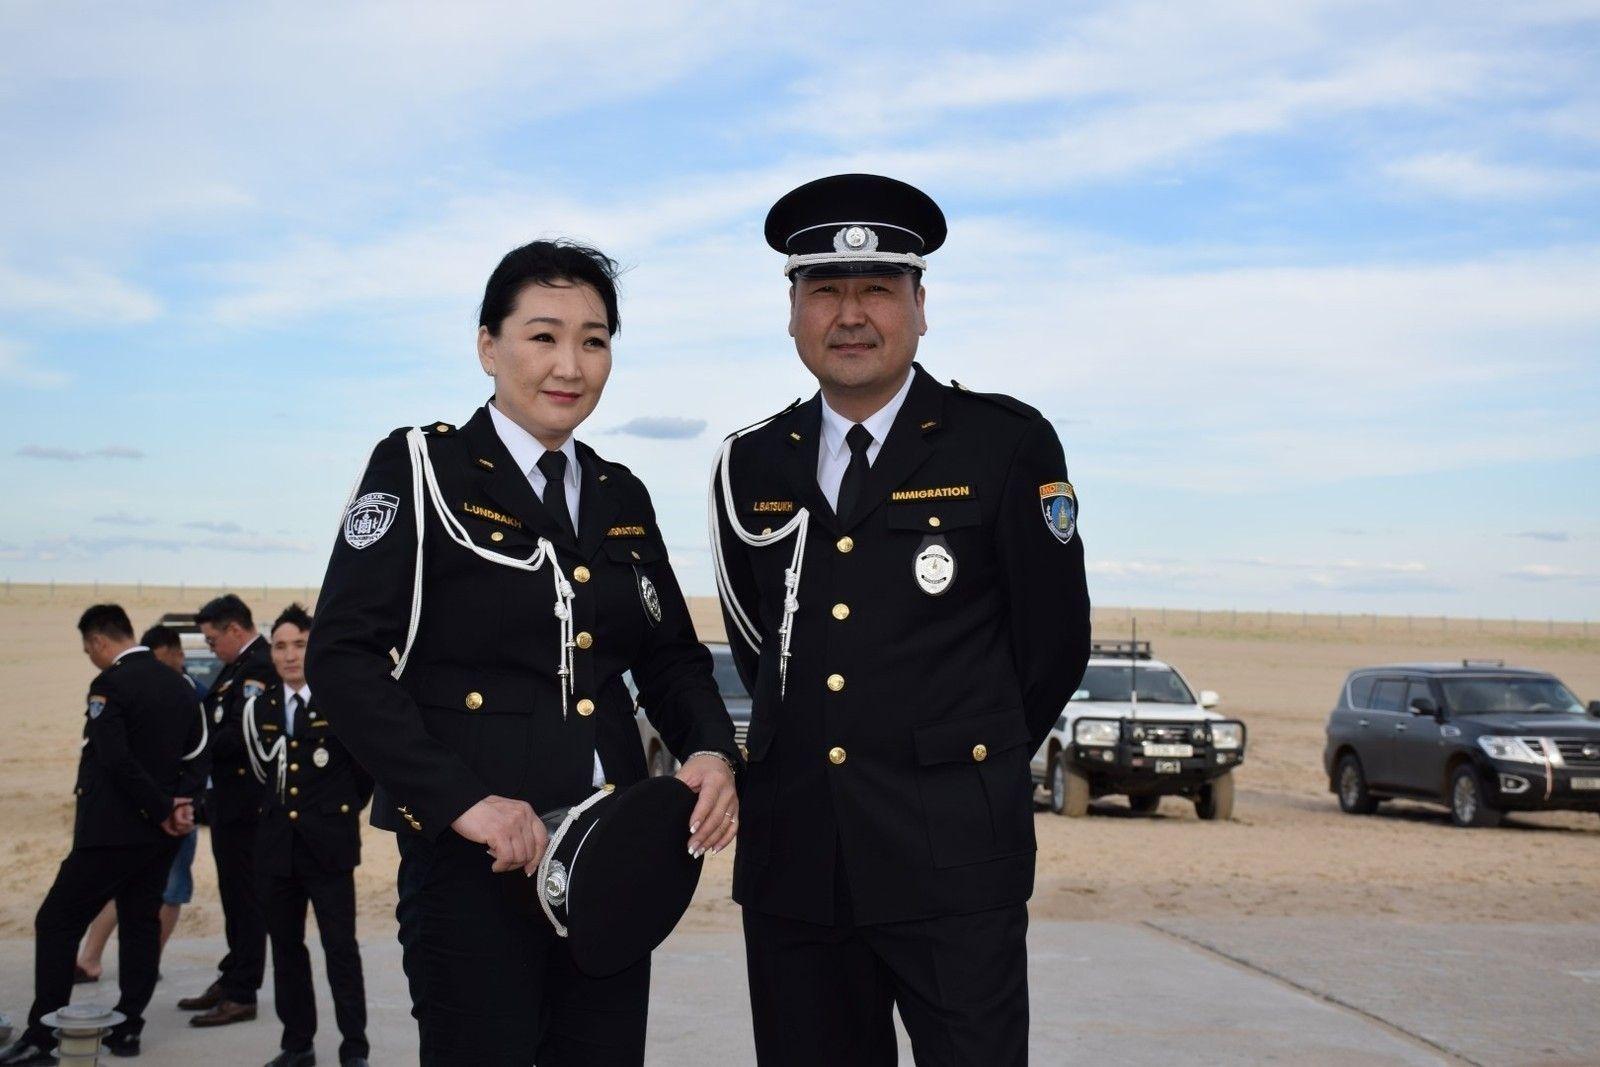 Дорнод аймаг дахь Баянхошуу боомтоор өдөрт Монгол, Хятадын 60-80 иргэн зорчдог байна